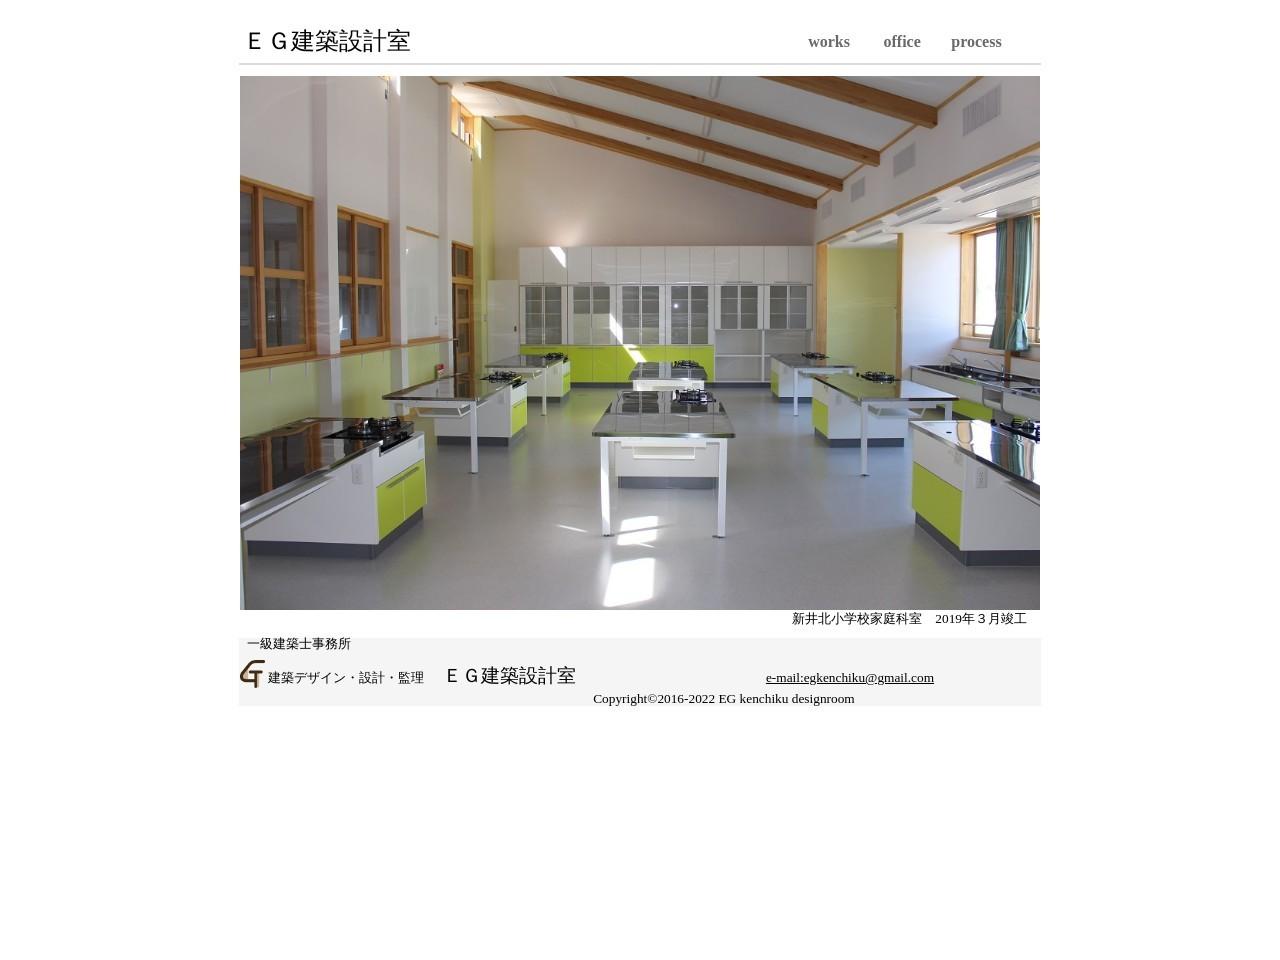 EG建築設計室